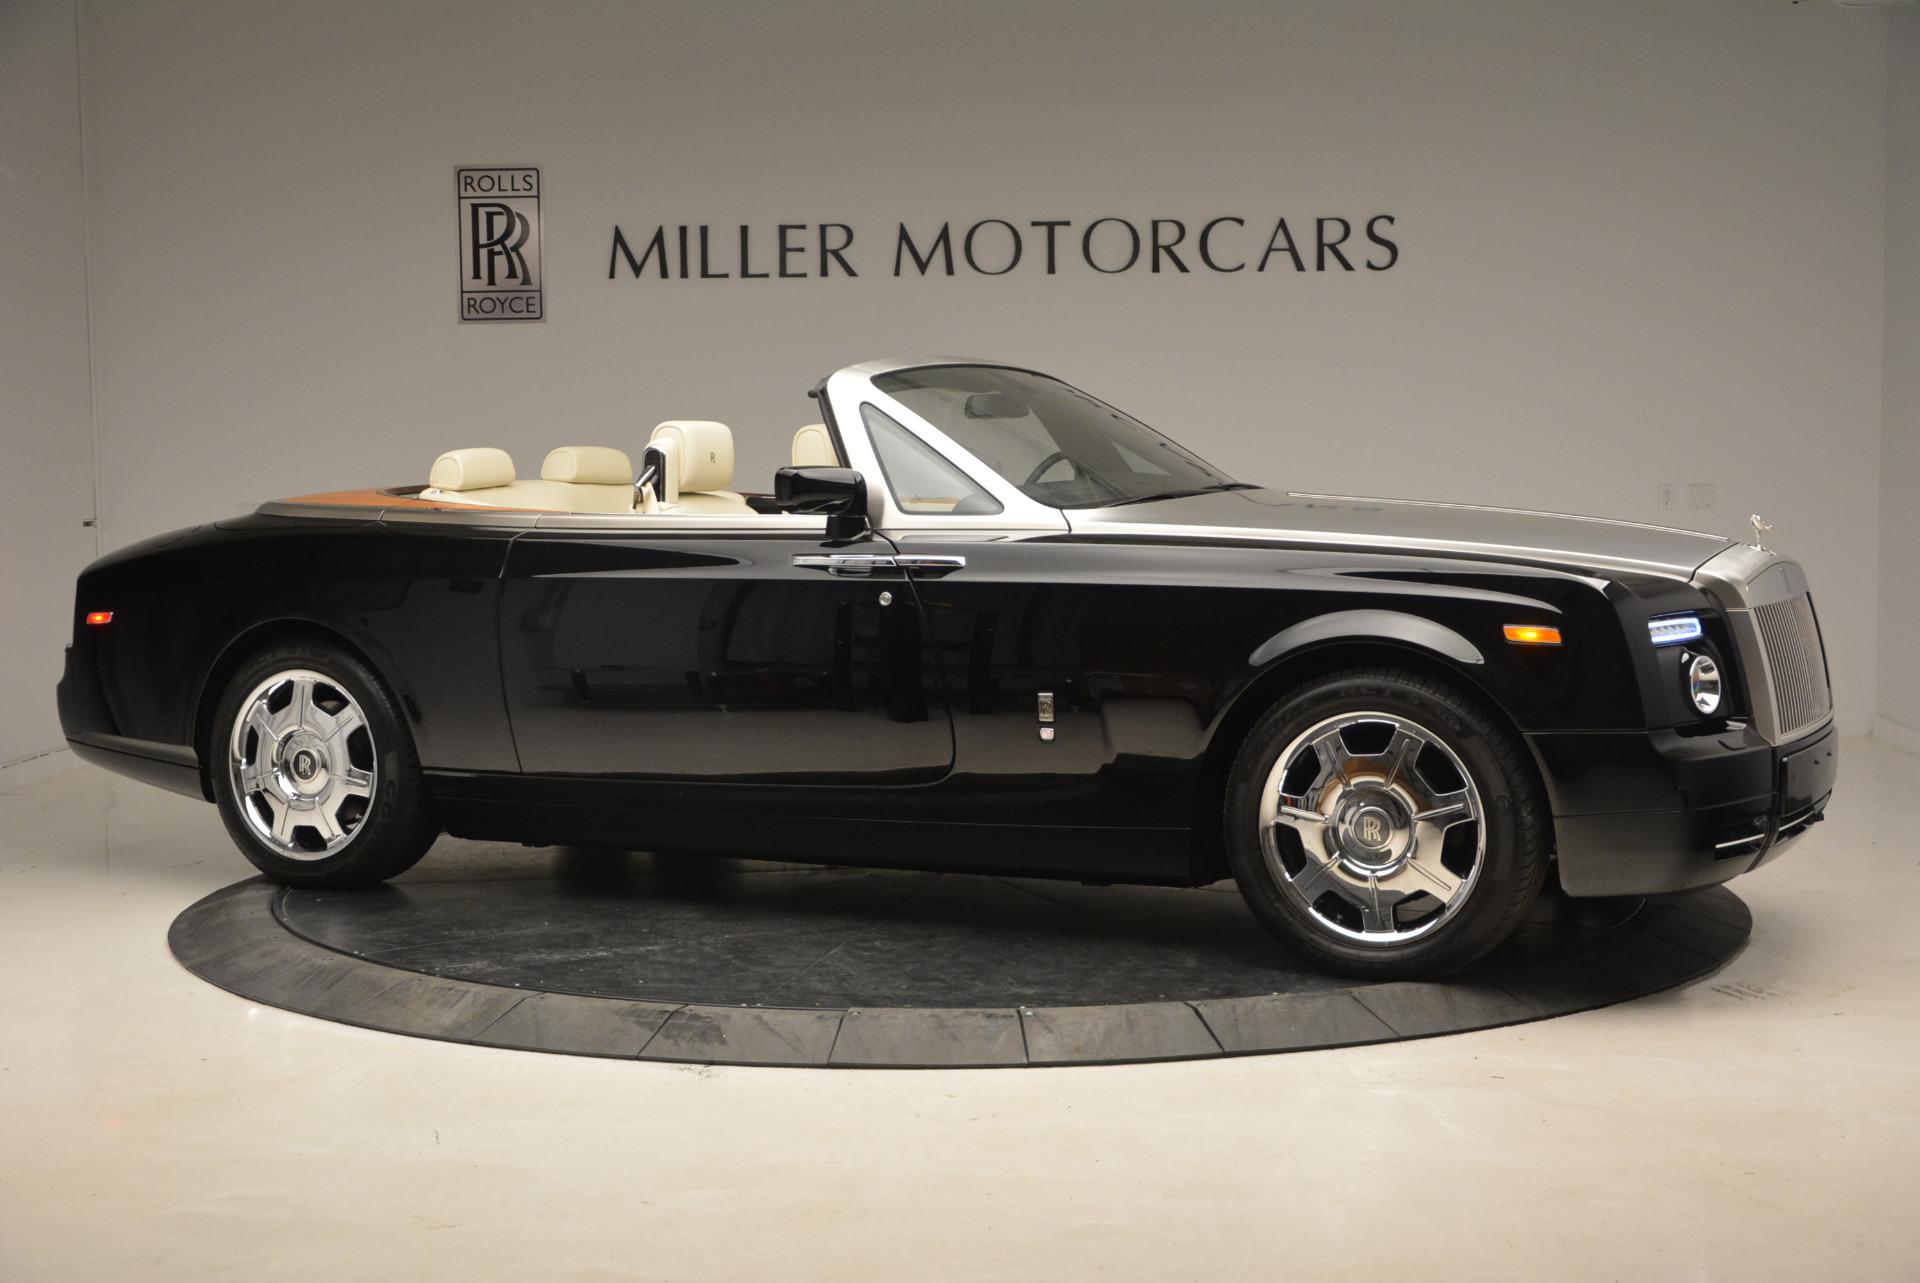 Used 2009 Rolls-Royce Phantom Drophead Coupe  For Sale In Westport, CT 1792_p11